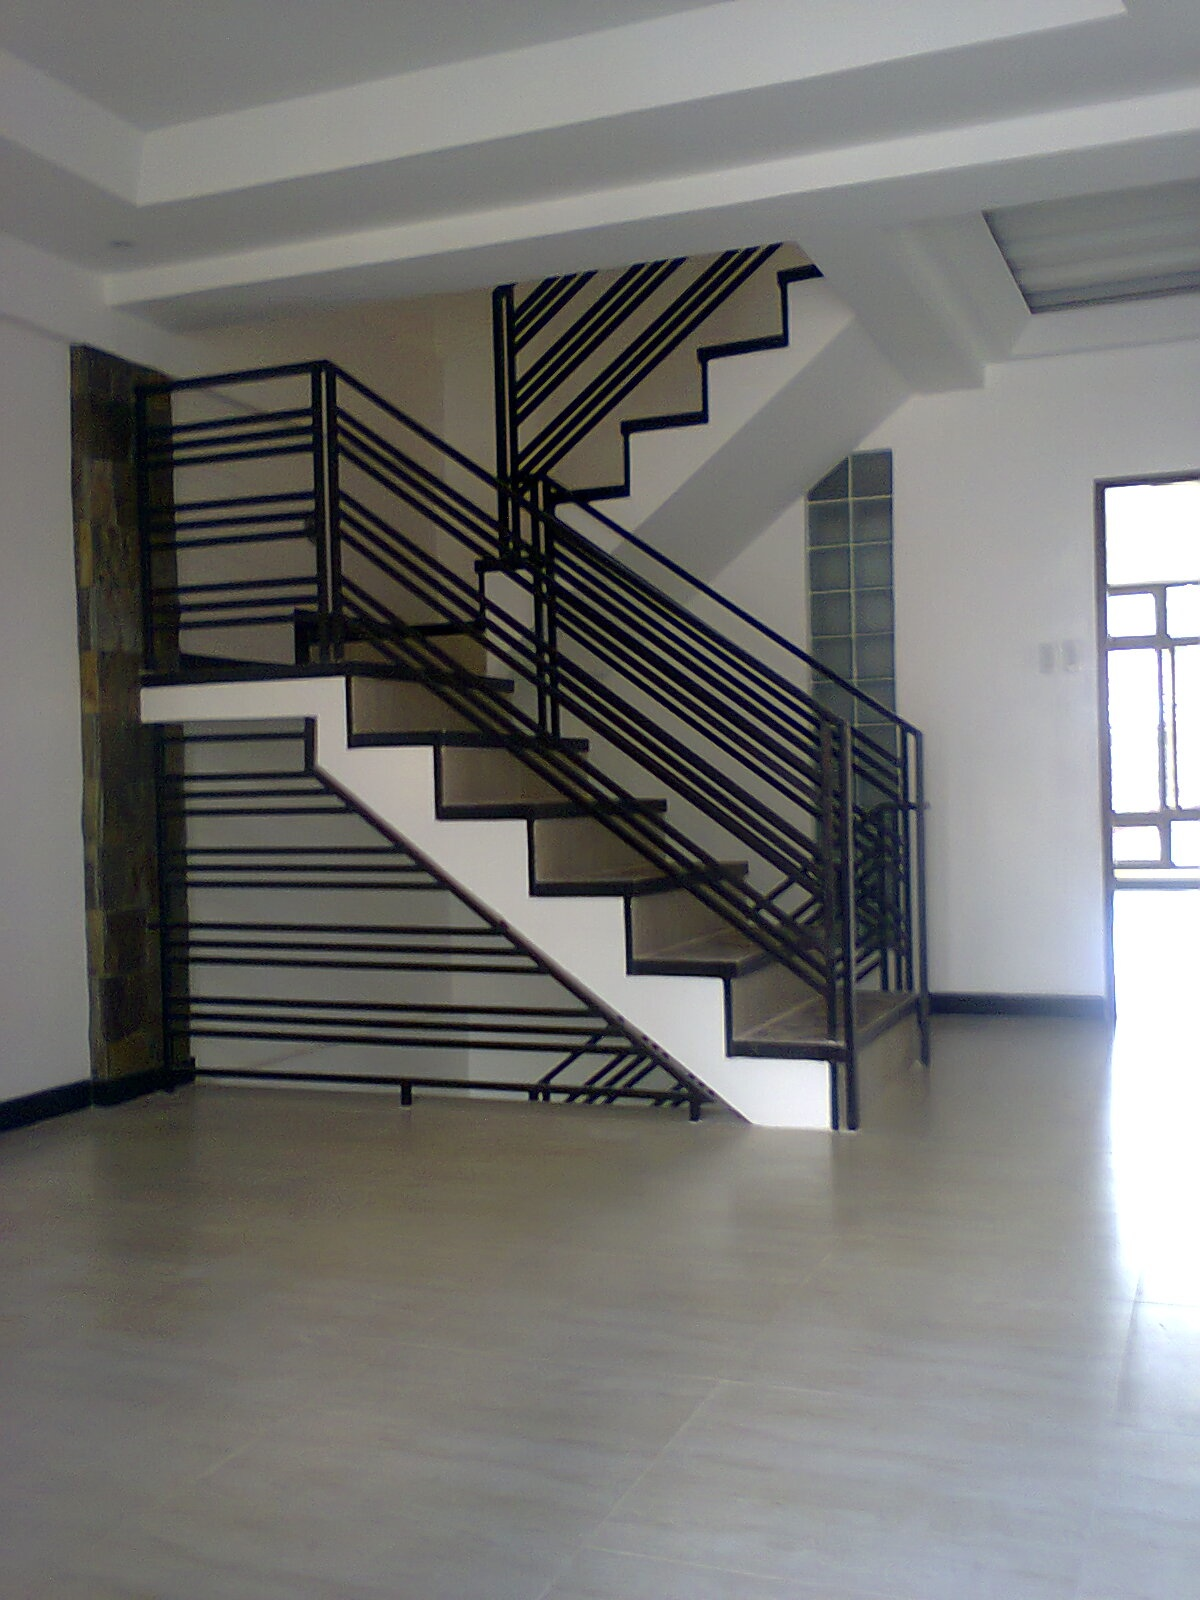 ef thse 2f stair hallway